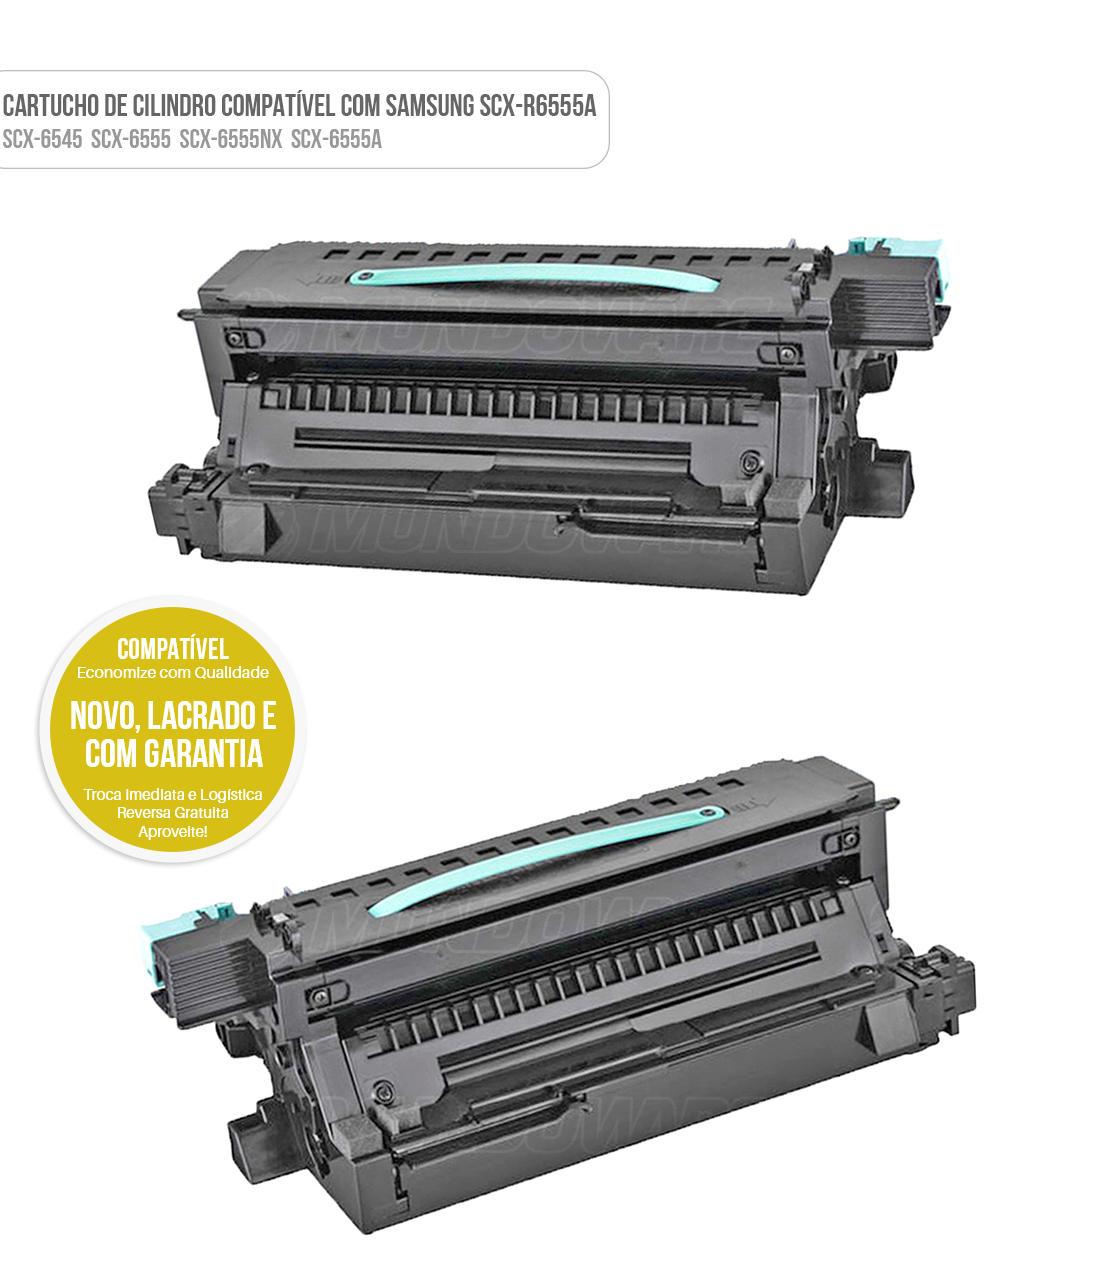 Cartucho de Cilindro Fotocondutor Compatível para Samsung 6555 SCX-6555 SCX-6555NX SCX-6555N SCX-D6555A 80K